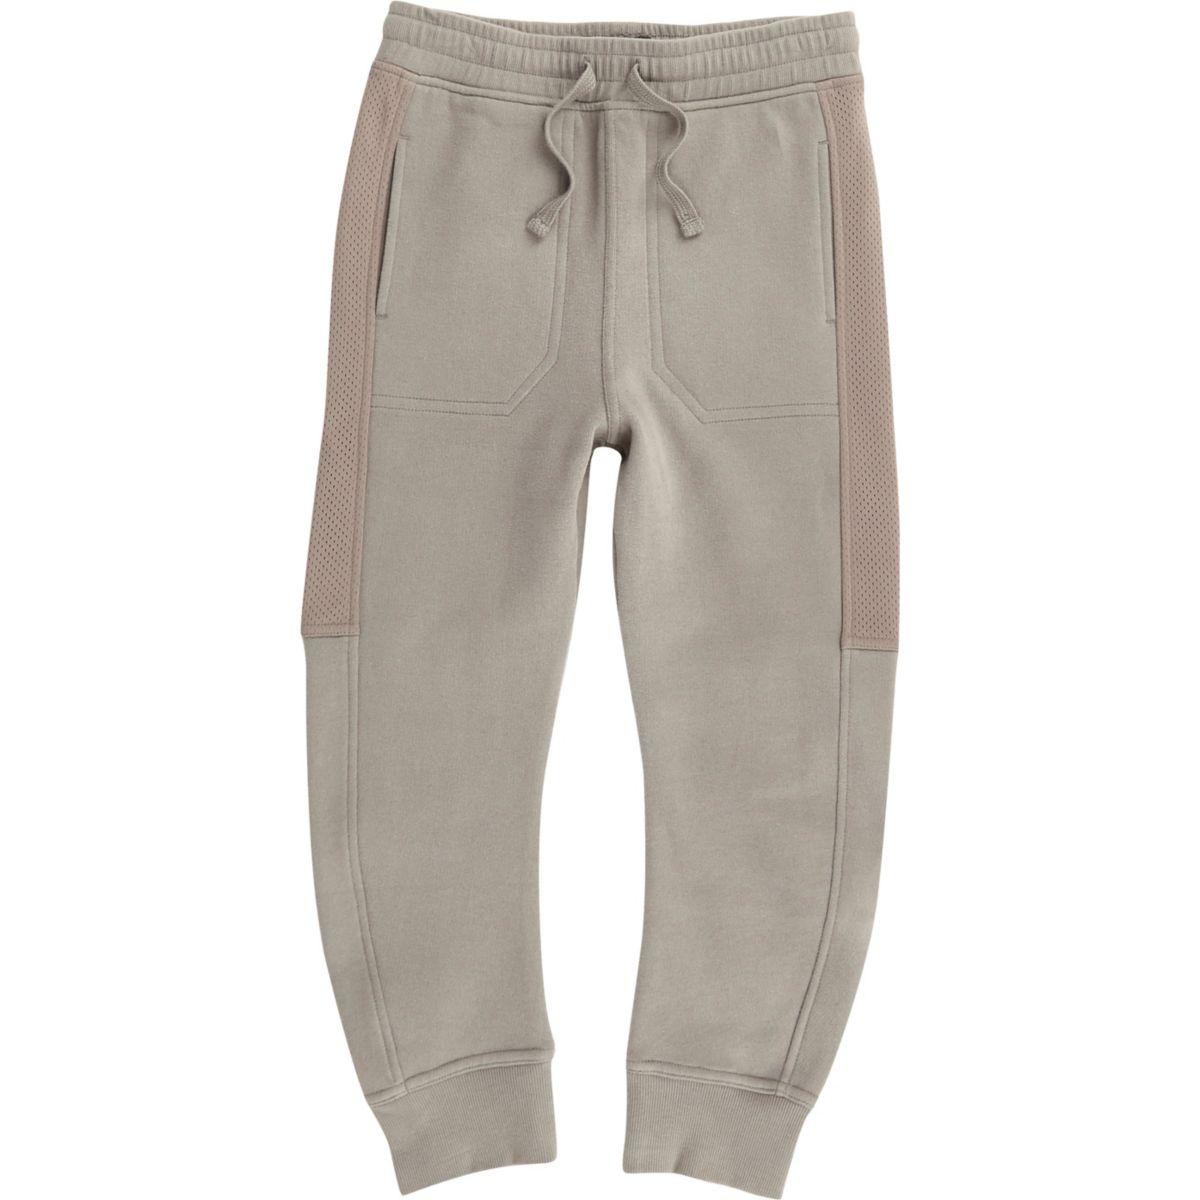 Pantalon de jogging gris avec maille sur les côtés pour garçon